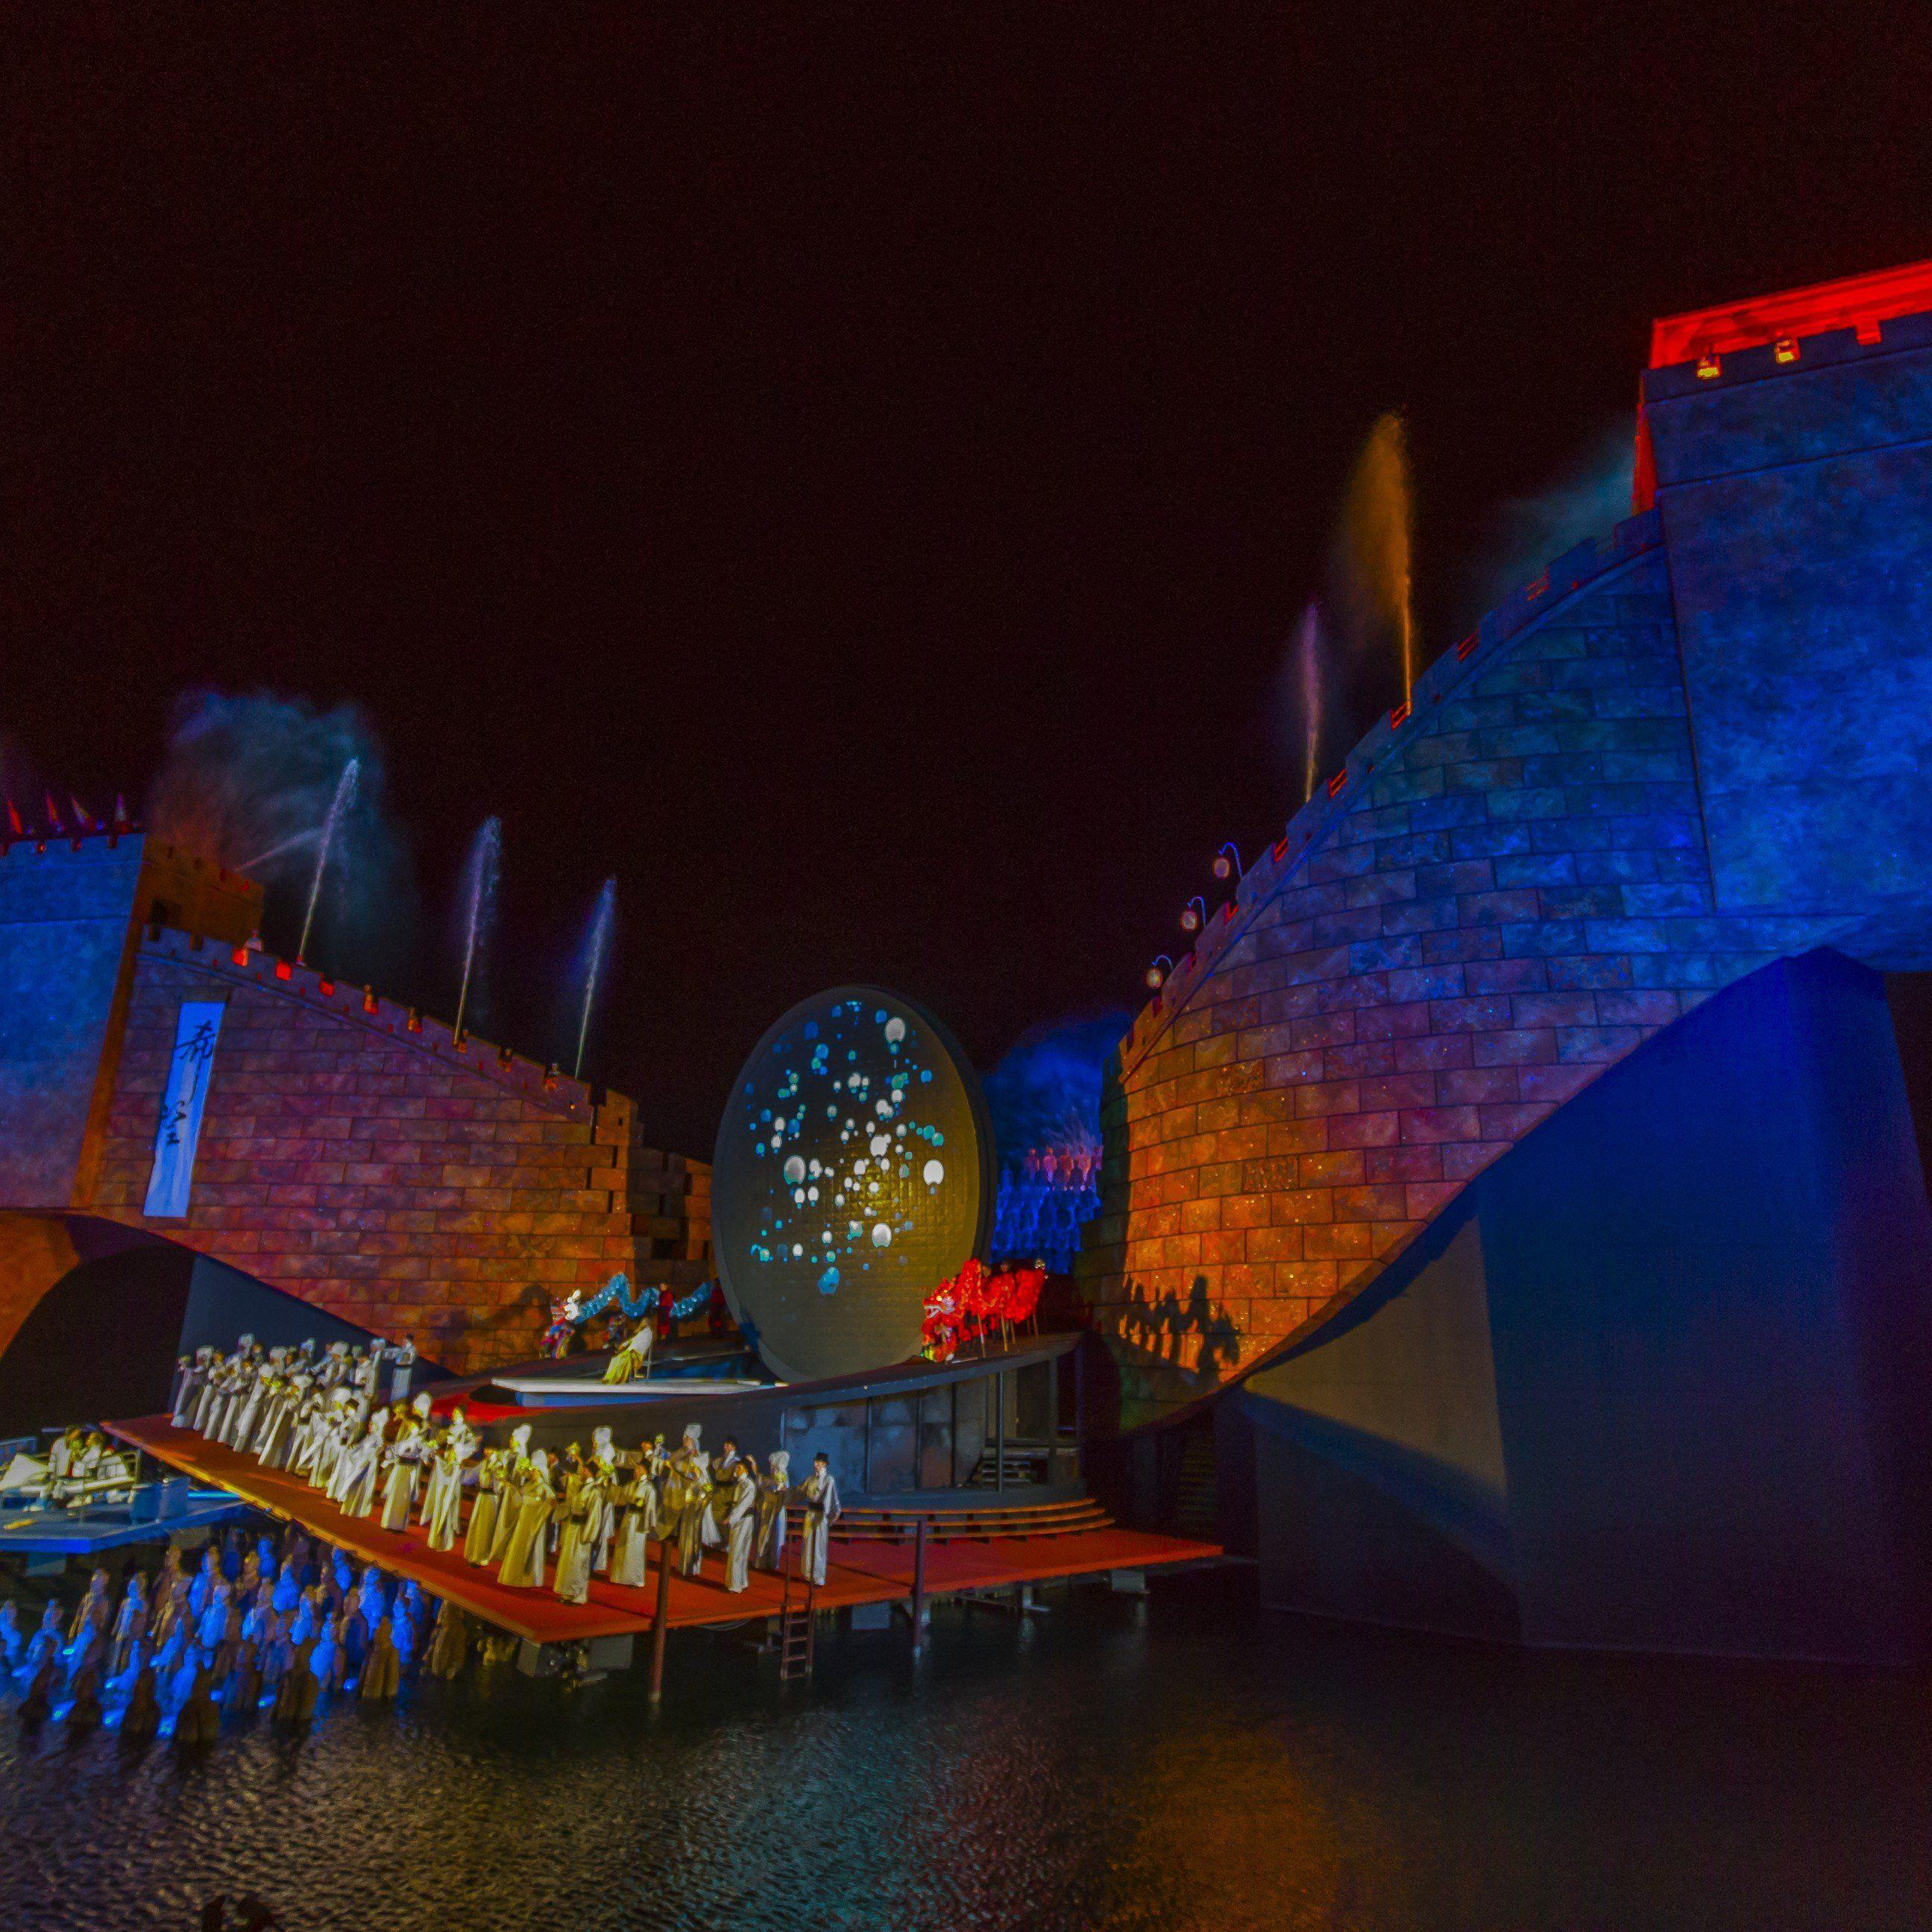 Die Festspiele locken nicht nur Besucher, sondern auch Arbeitskräfte und Künstler an.